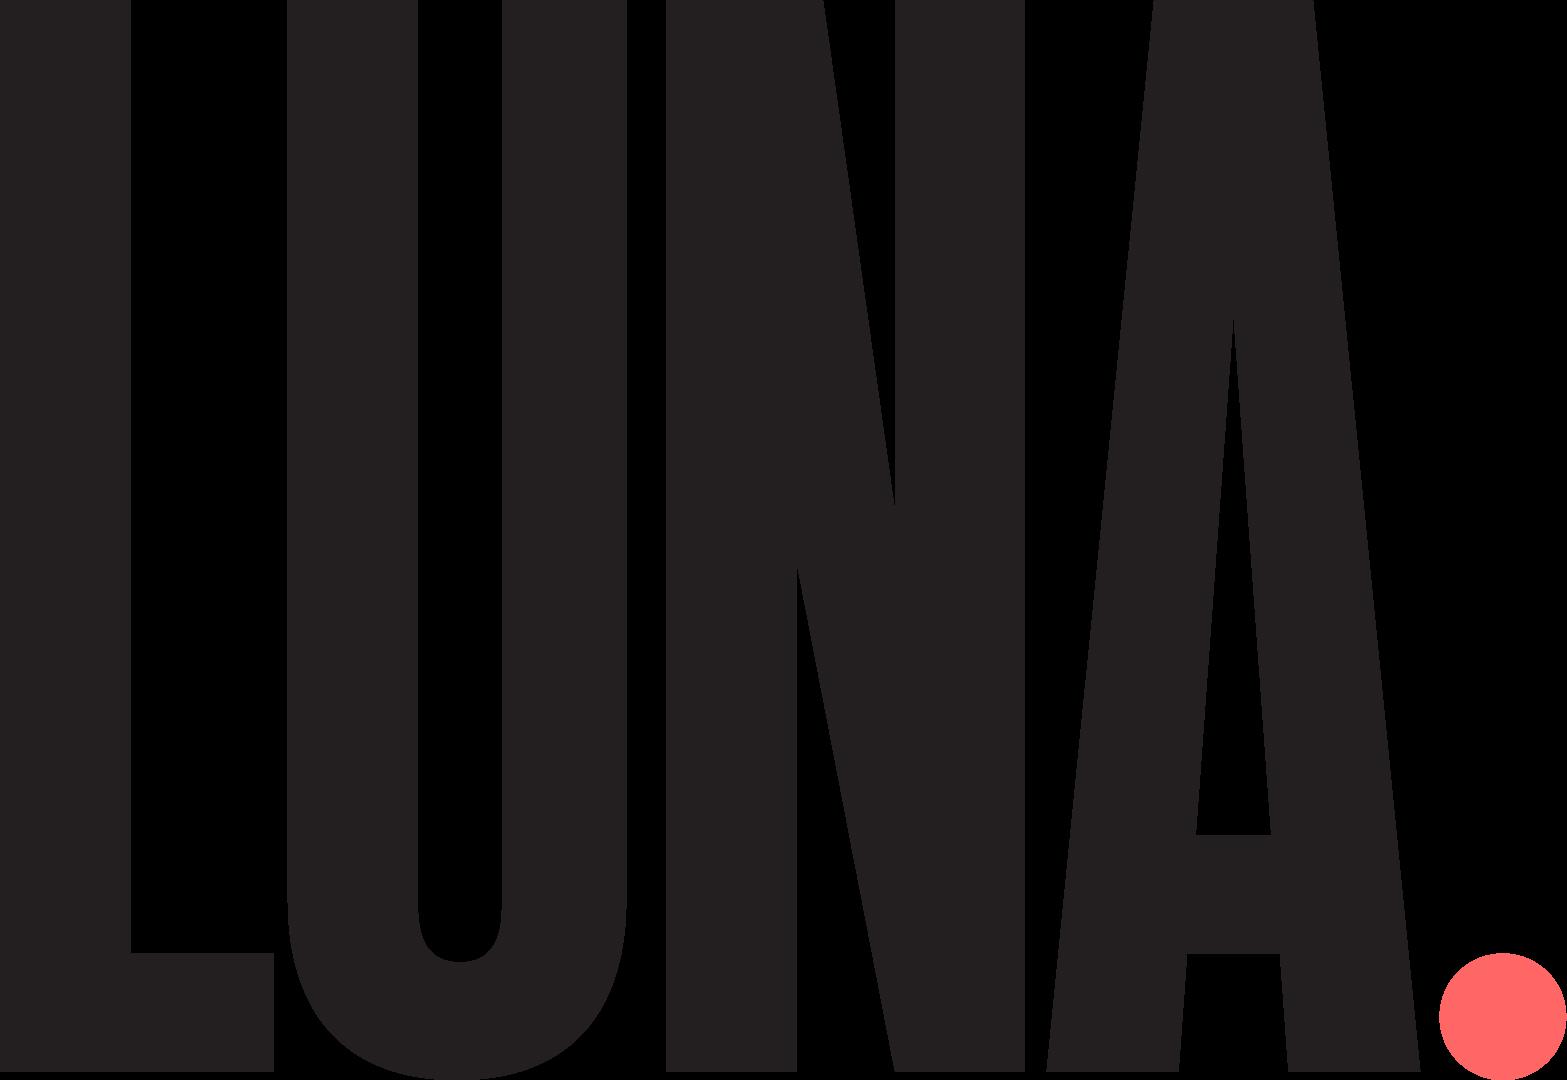 LUNA Startup Studio